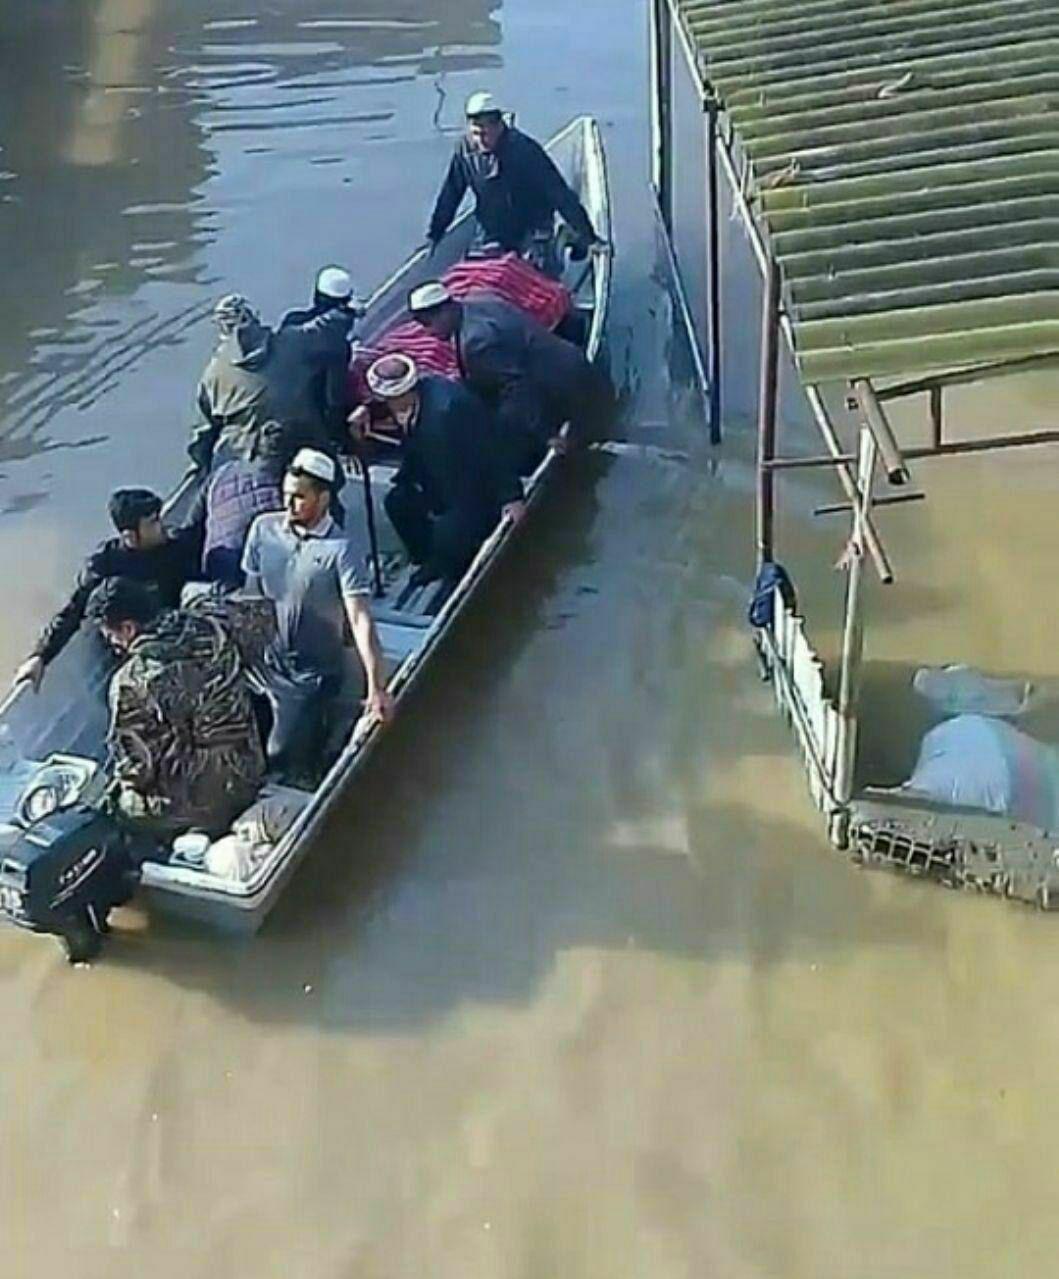 (تصویر) تشییع مادر دو شهید اهل آق قلا با قایق